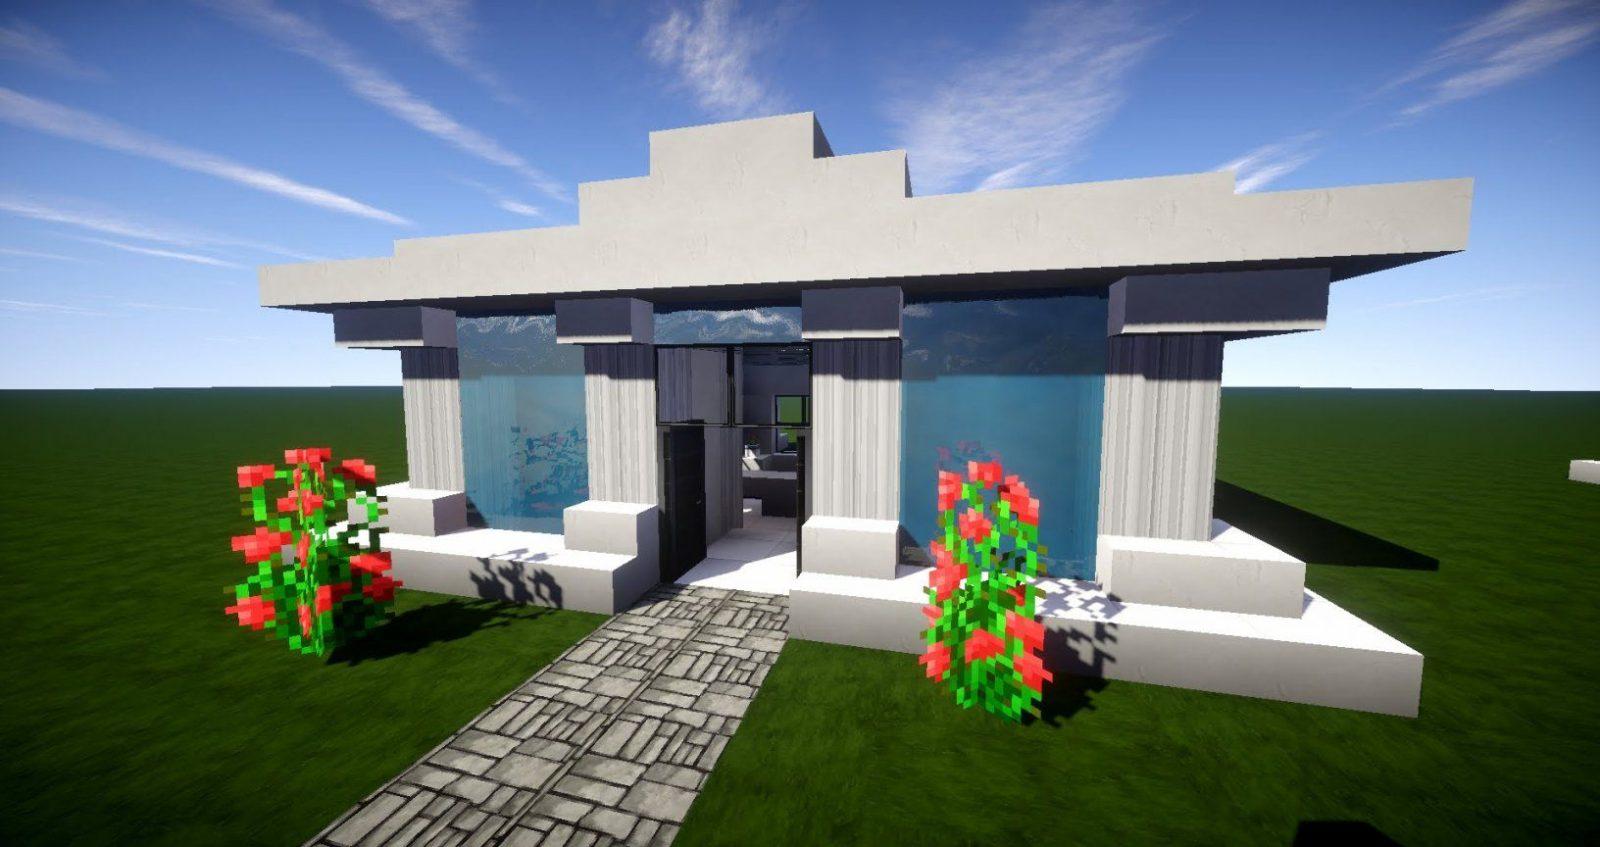 Minecraft Modernes Haus Mit Wasserdach Bauen 12X12  Tutorial von Minecraft Häuser Bauen Mit Anleitung Photo